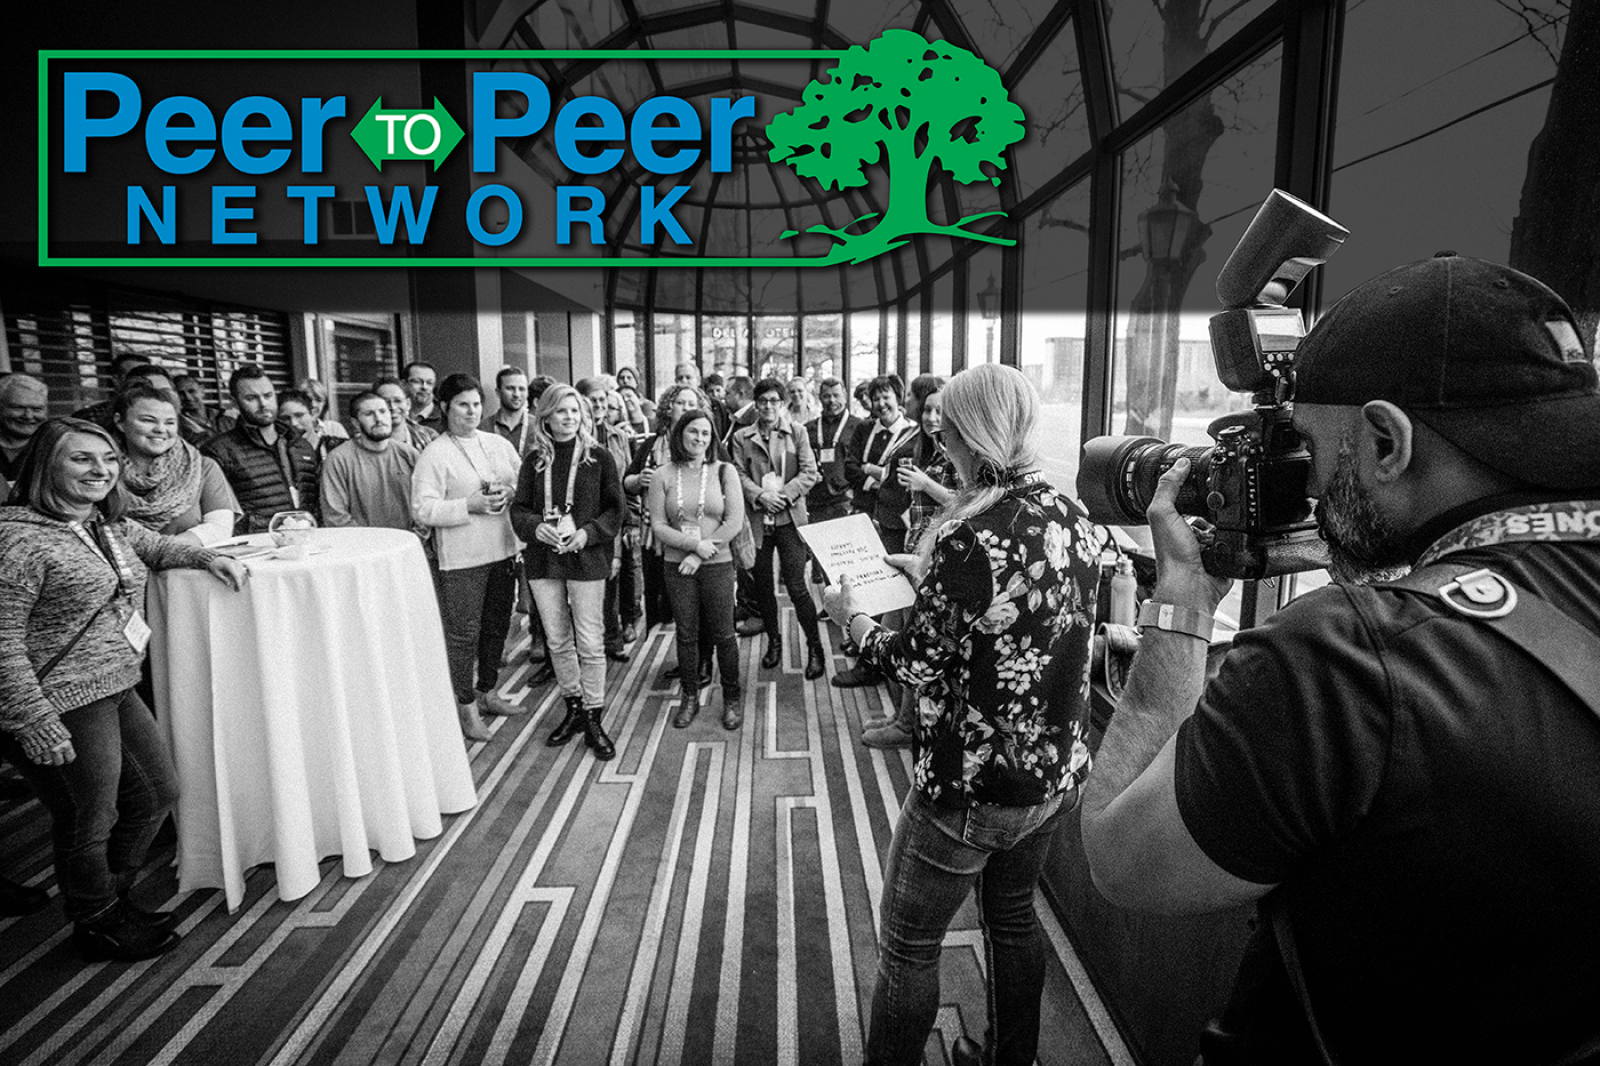 Peer to Peer Network